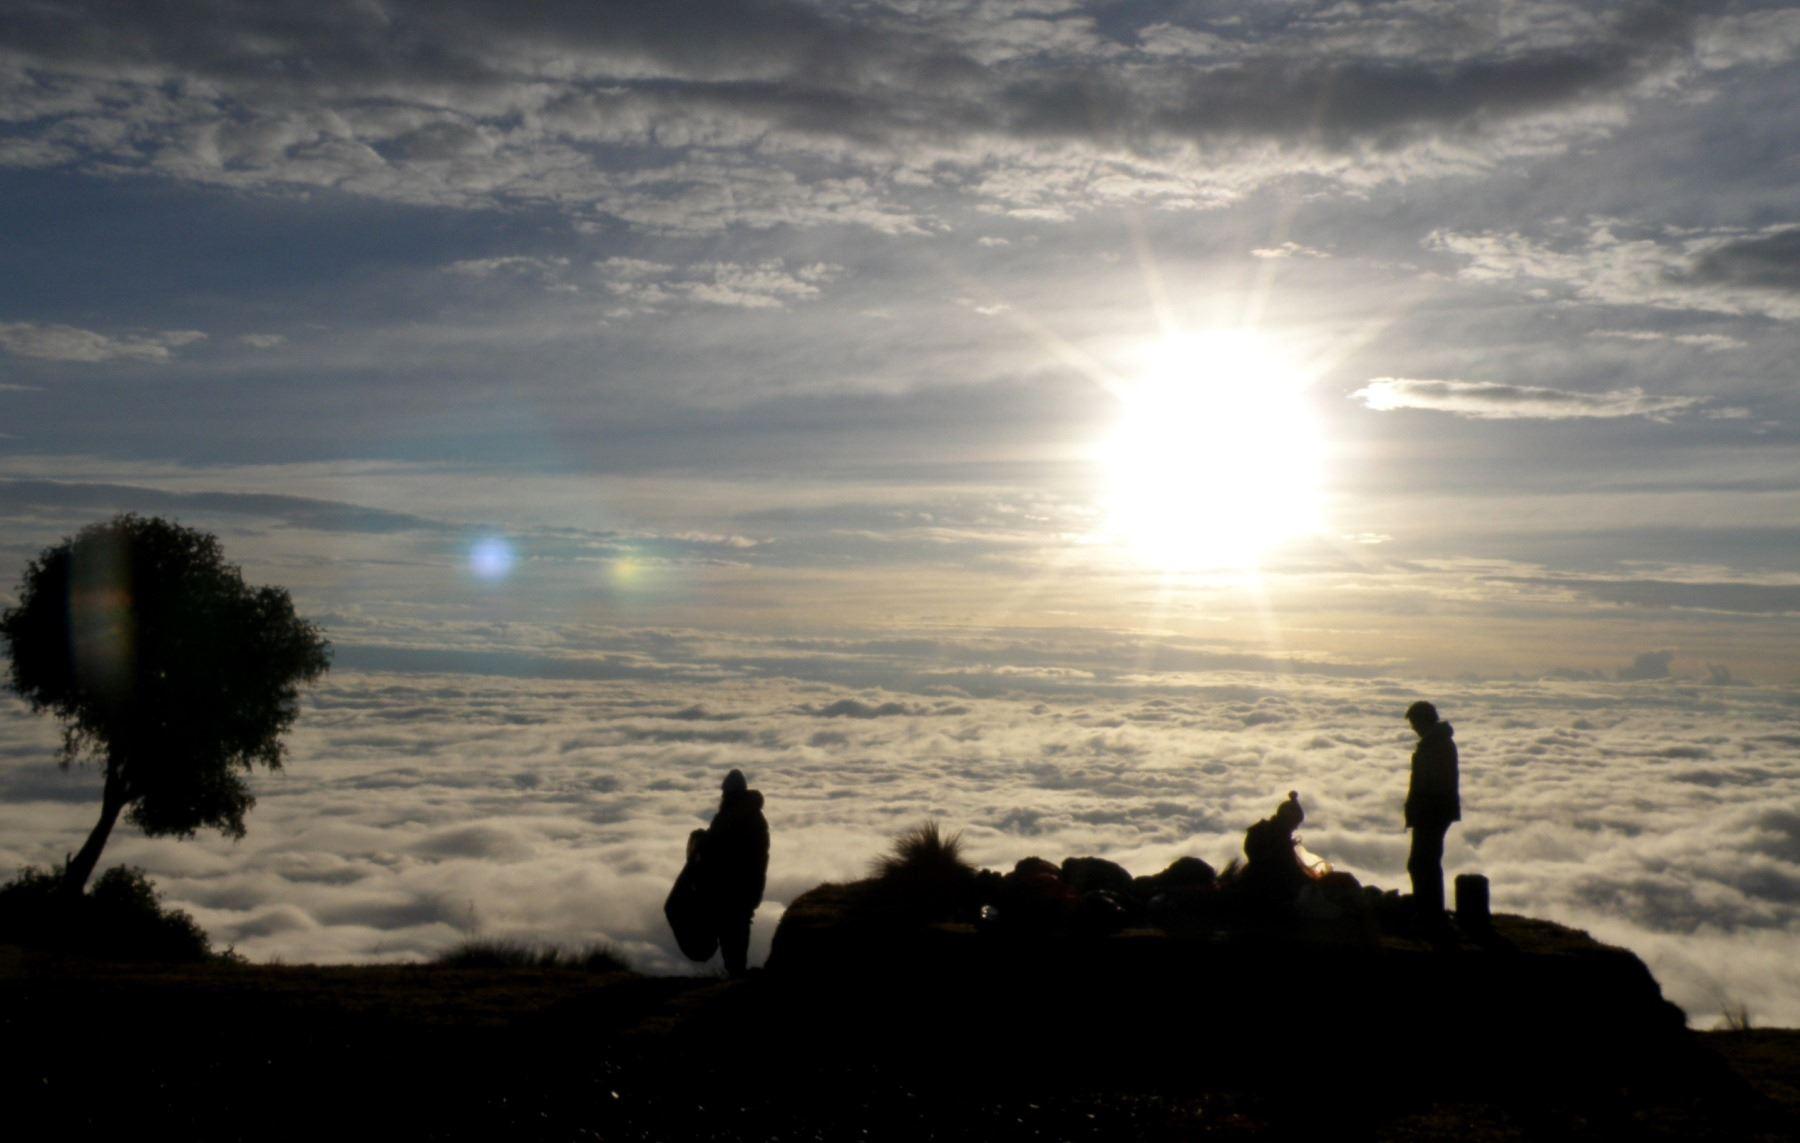 Impresionante vista de la salida del Sol en la zona de Tres Cruces, en Paucartambo, Cusco. ANDINA/Percy Hurtado.